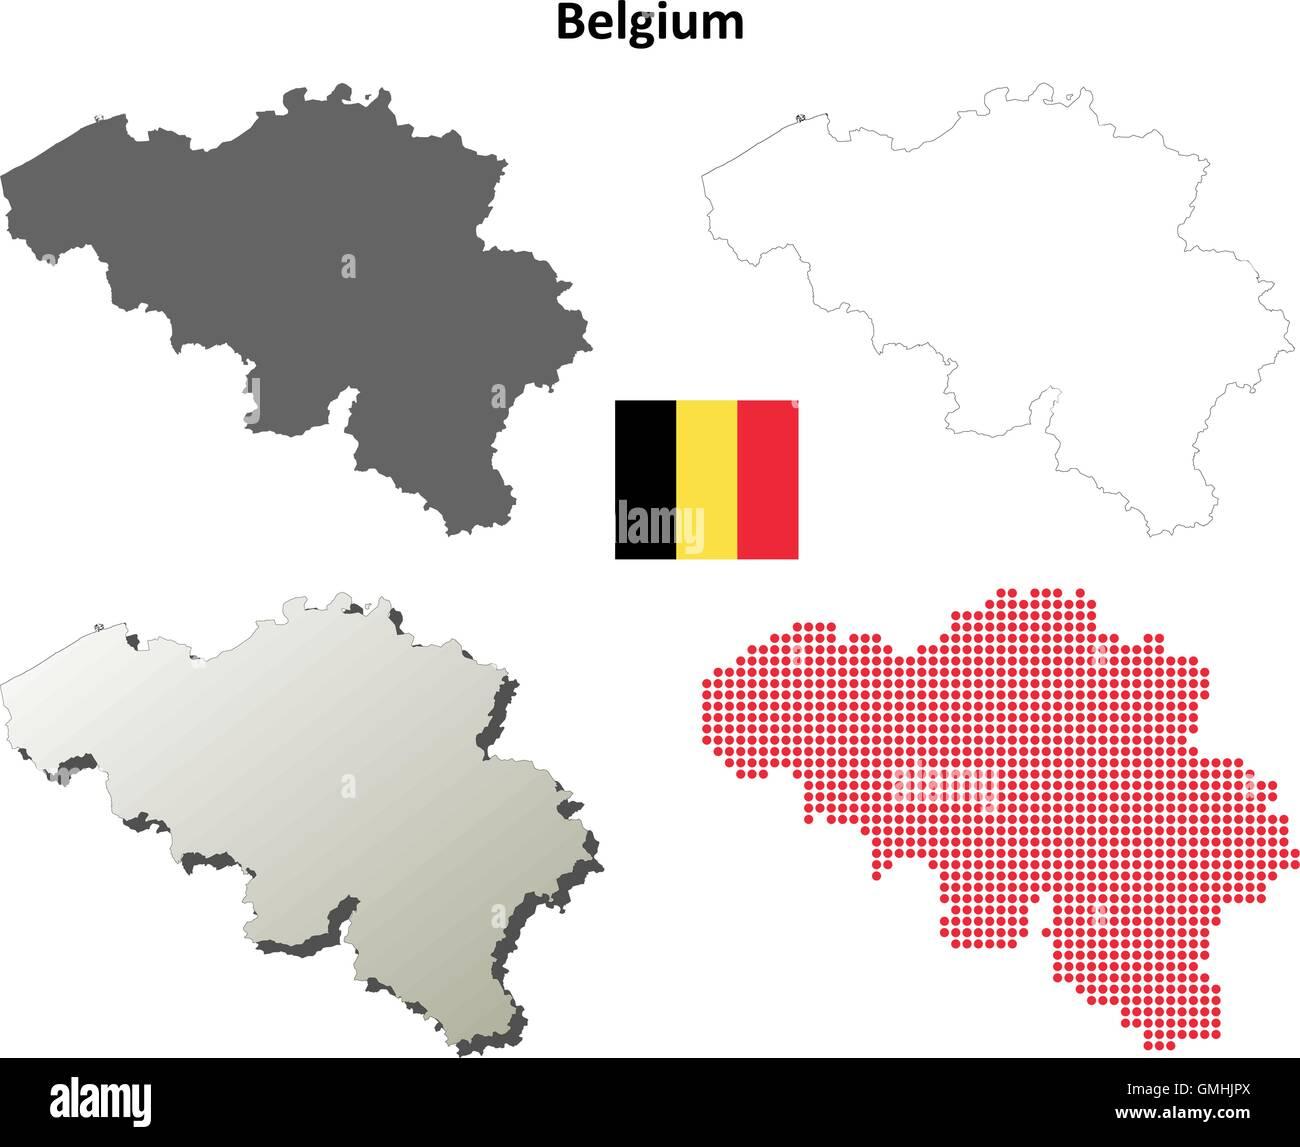 Belgien Karte Umriss.Belgien Umriss Karte Gesetzt Vektor Abbildung Bild 115943266 Alamy